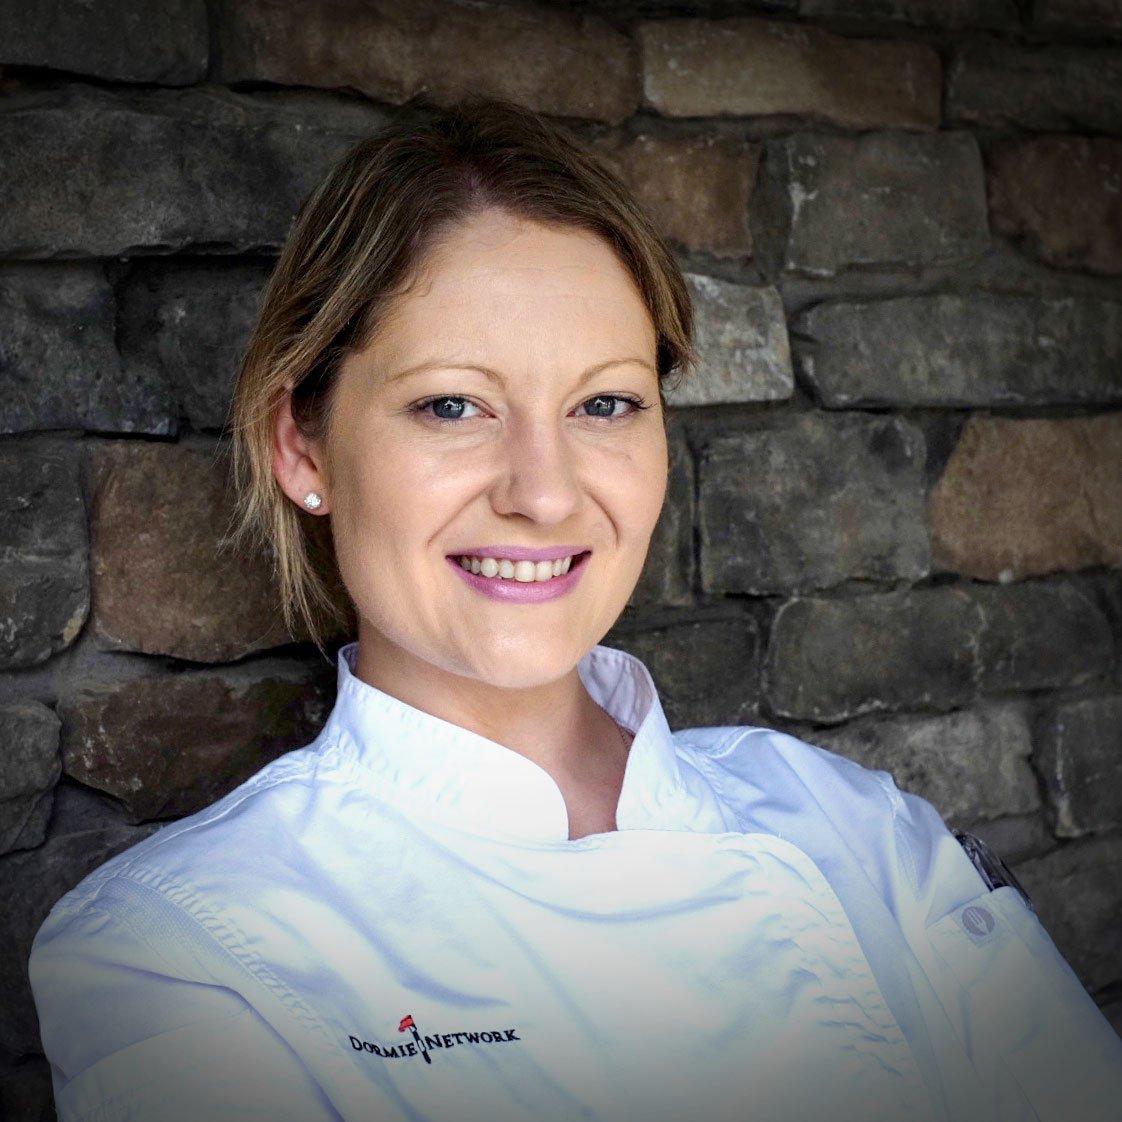 Chef Meghan Gill Chefmeghan14 Twitter